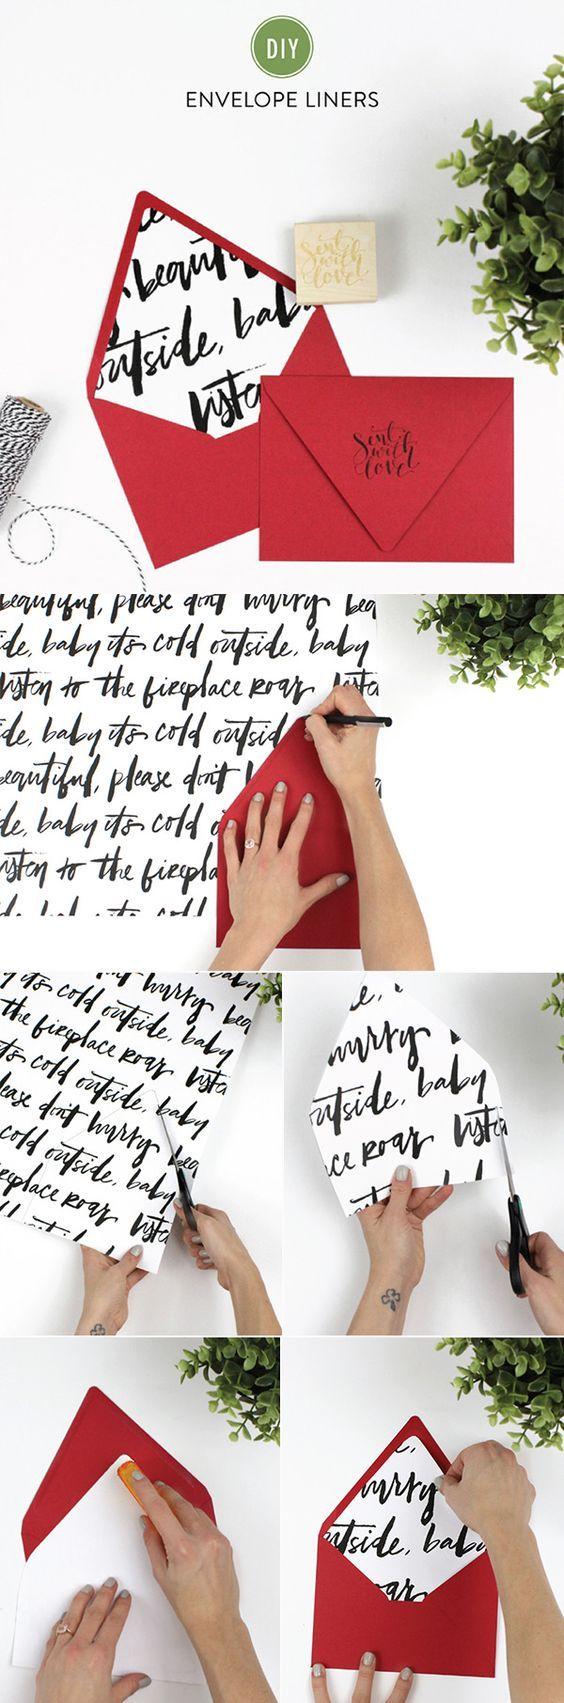 19 best Inviti images on Pinterest | Invitation cards, Invitation ...